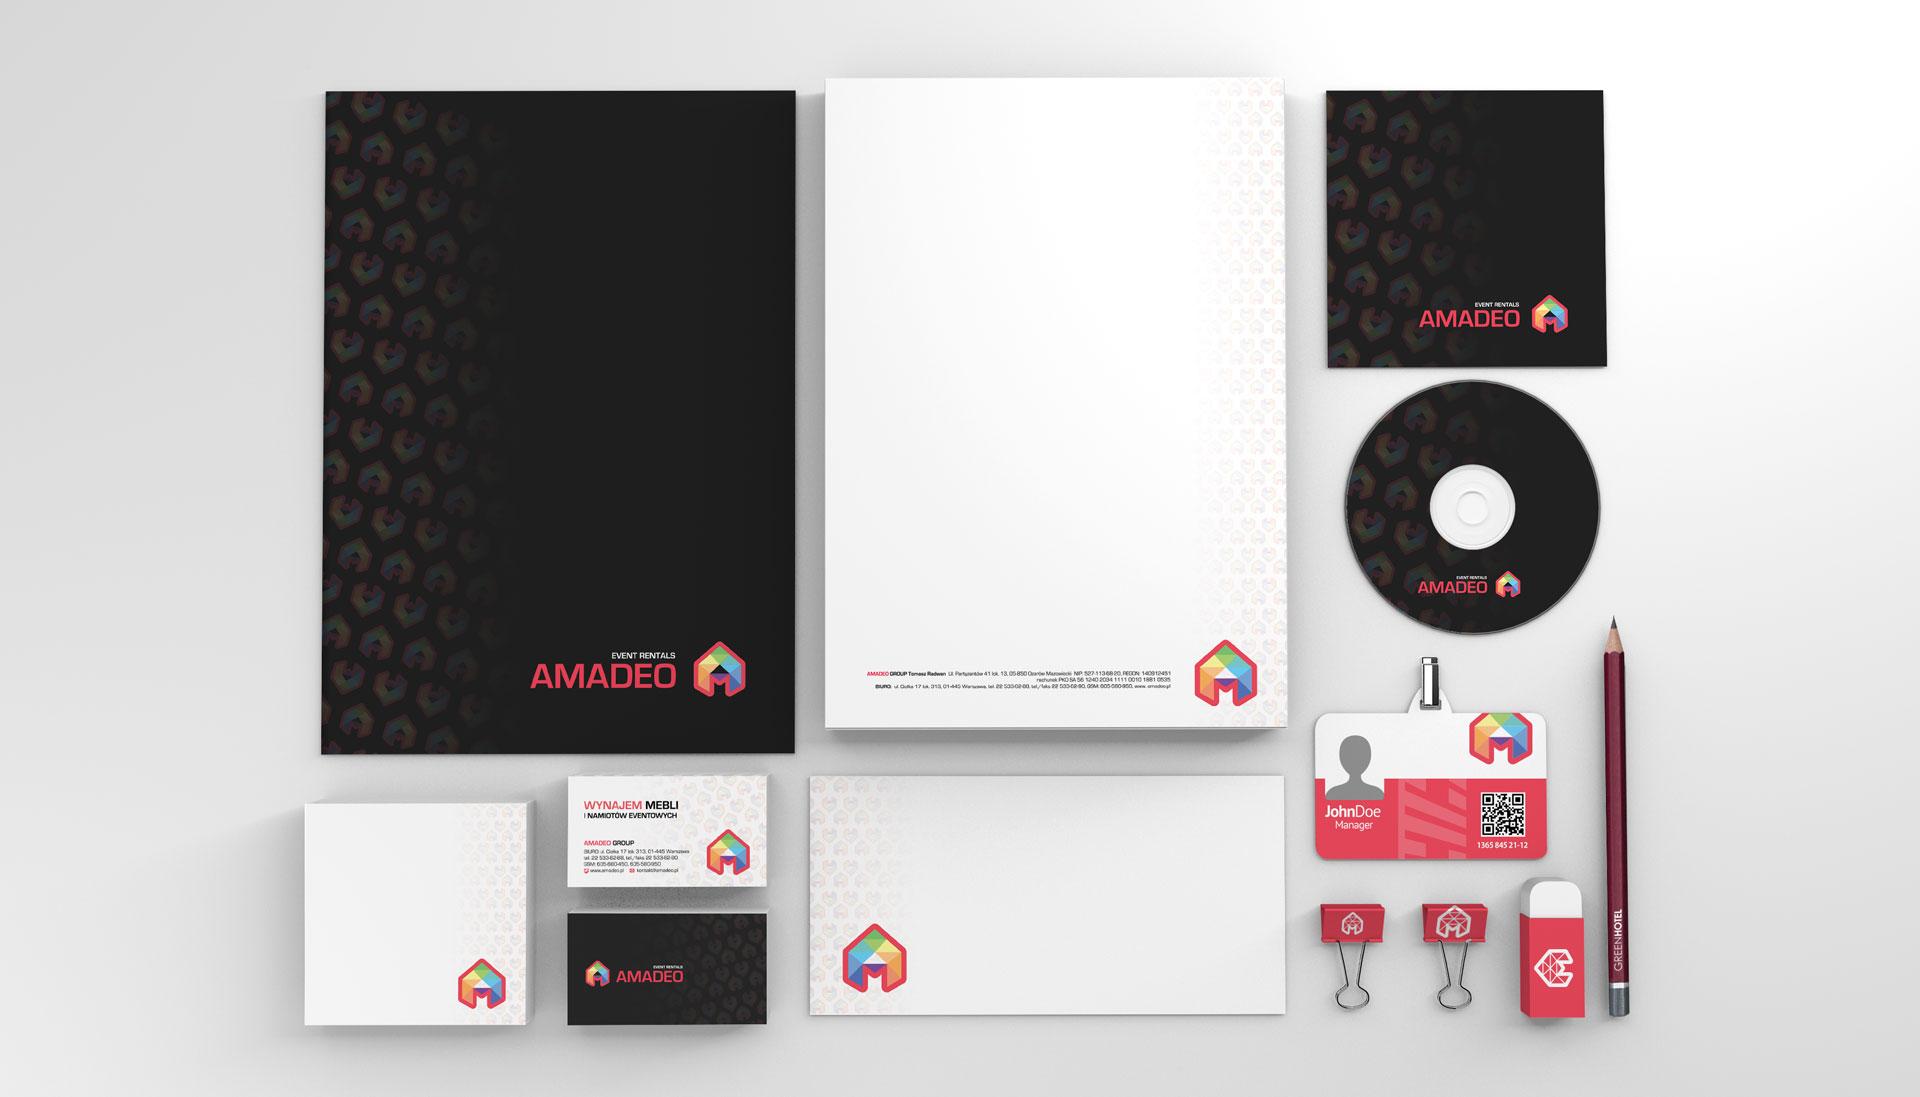 amadeo-identyfikacja-wizualna